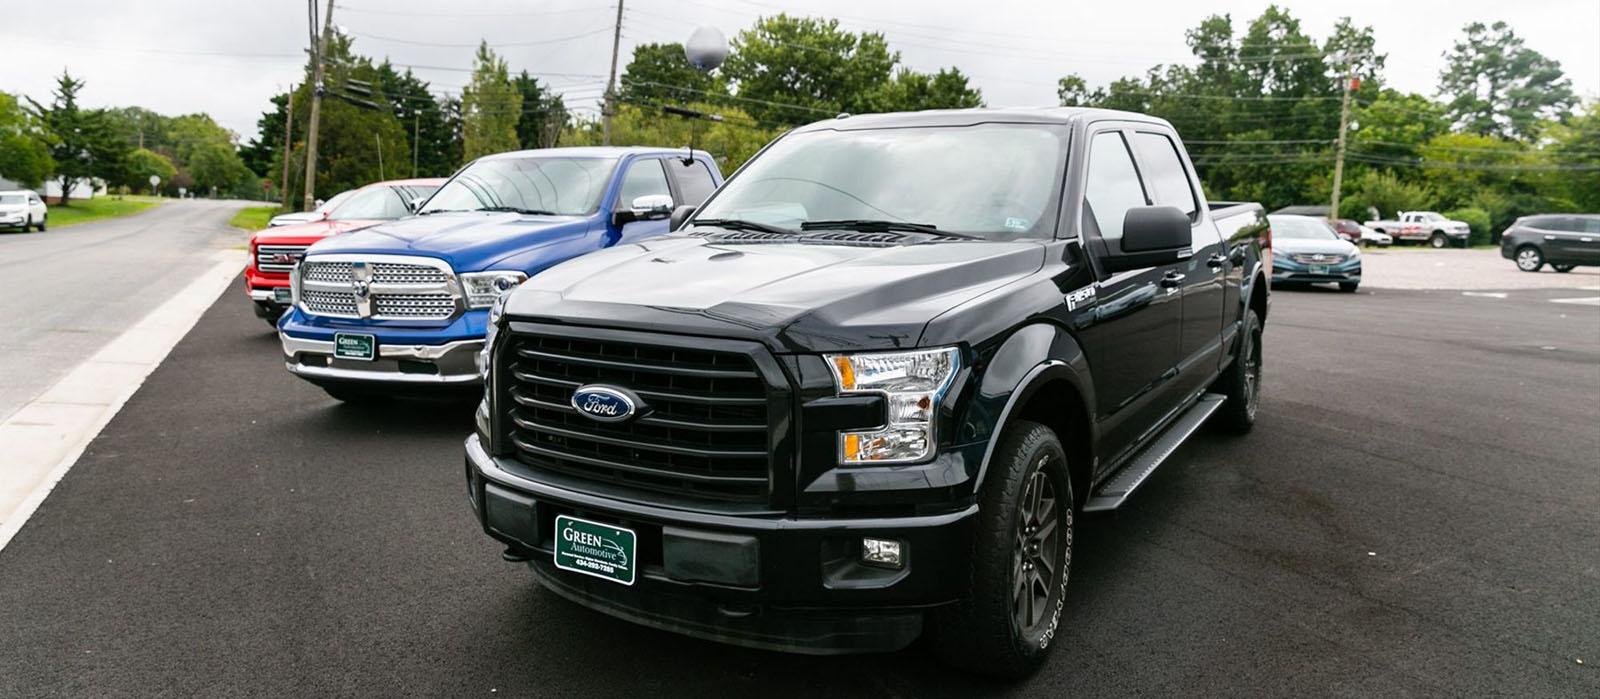 black-ford-greenautomotive